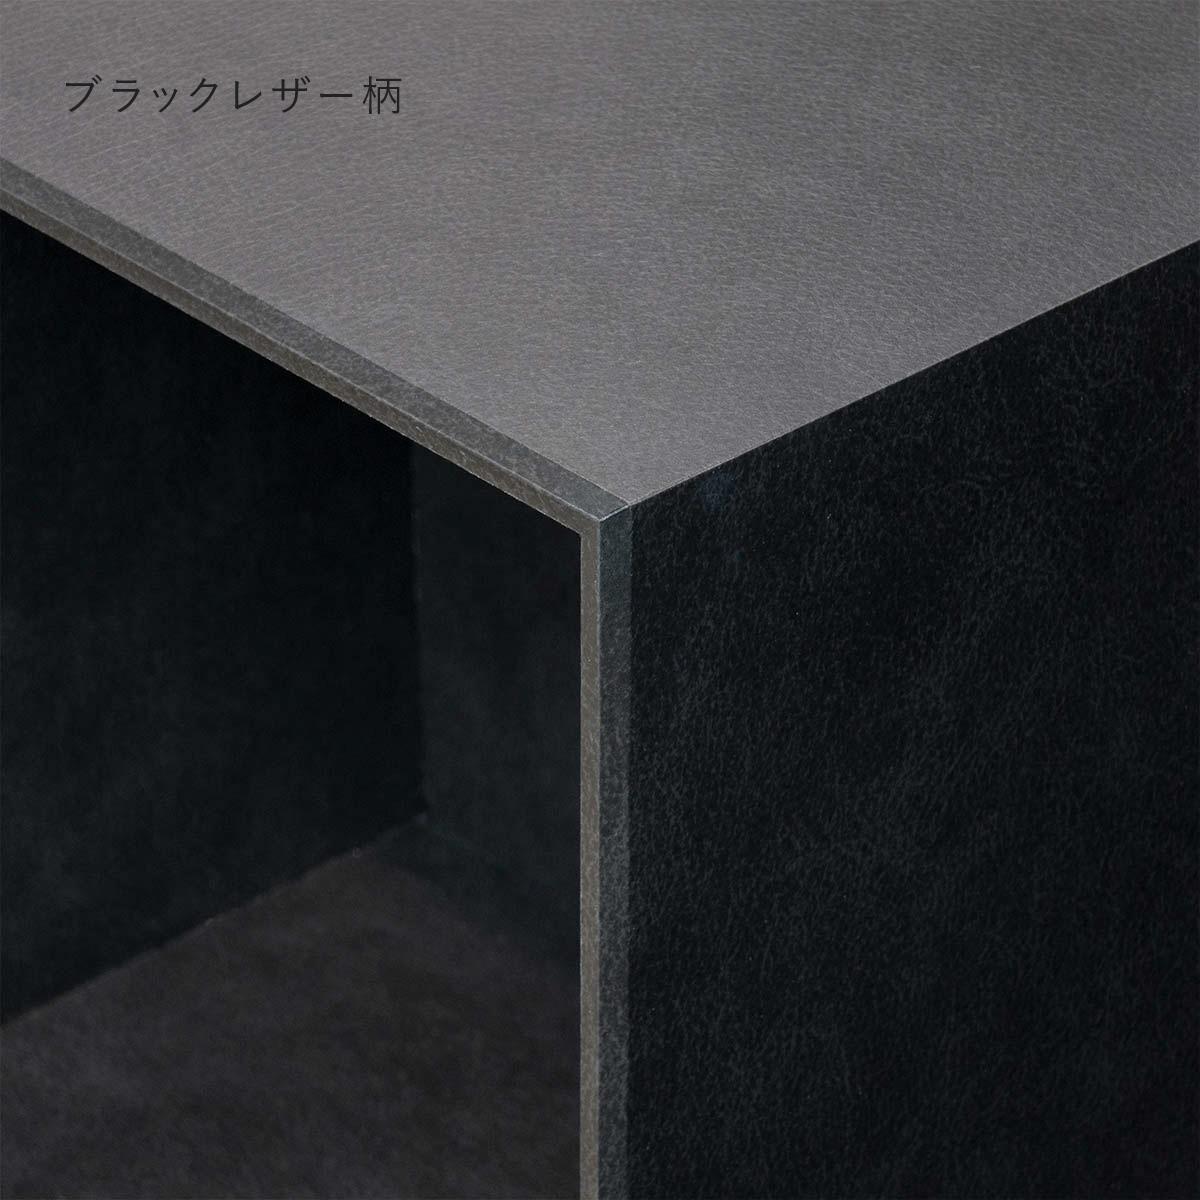 【 V-TISS LIGHT #019 】 薄くて端正。大きさ違いで配置を楽しむボックス3個。